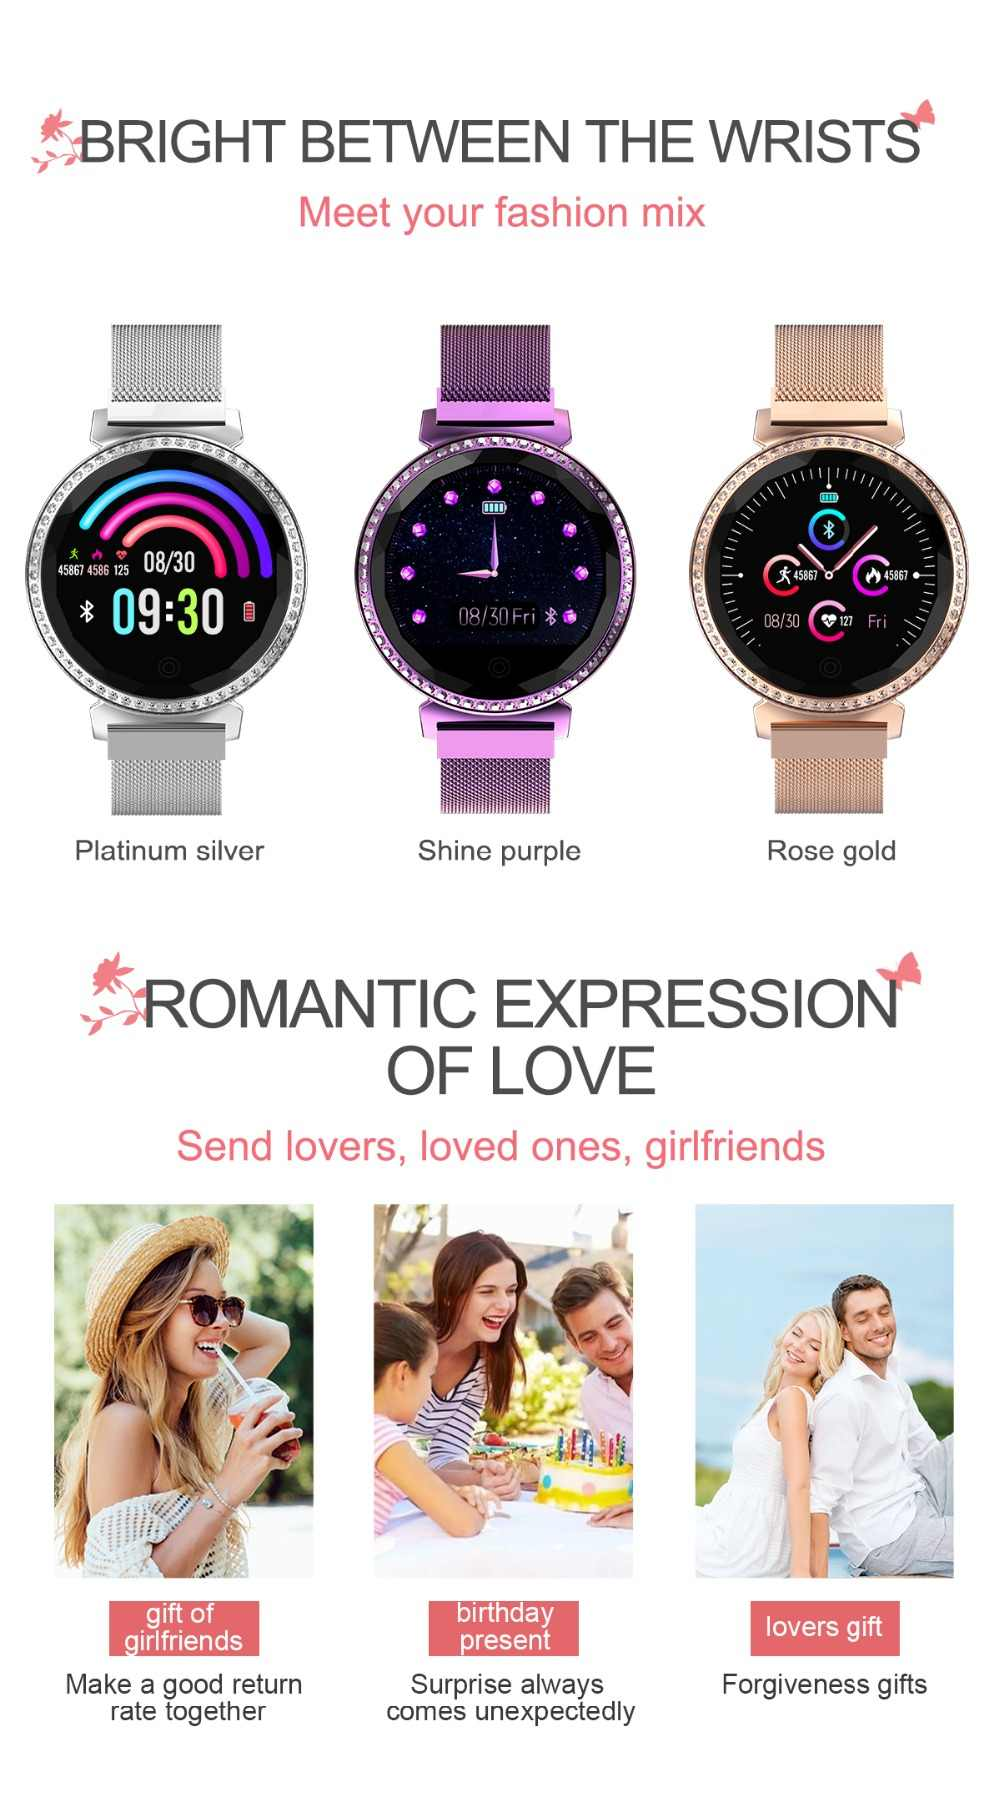 MC11 часы, мониторинг сердечного ритма, кровяного давления, водонепроницаемые, Bluetooth, фитнес, шагомер, пульт дистанционного управления, напоминание о потере телефона